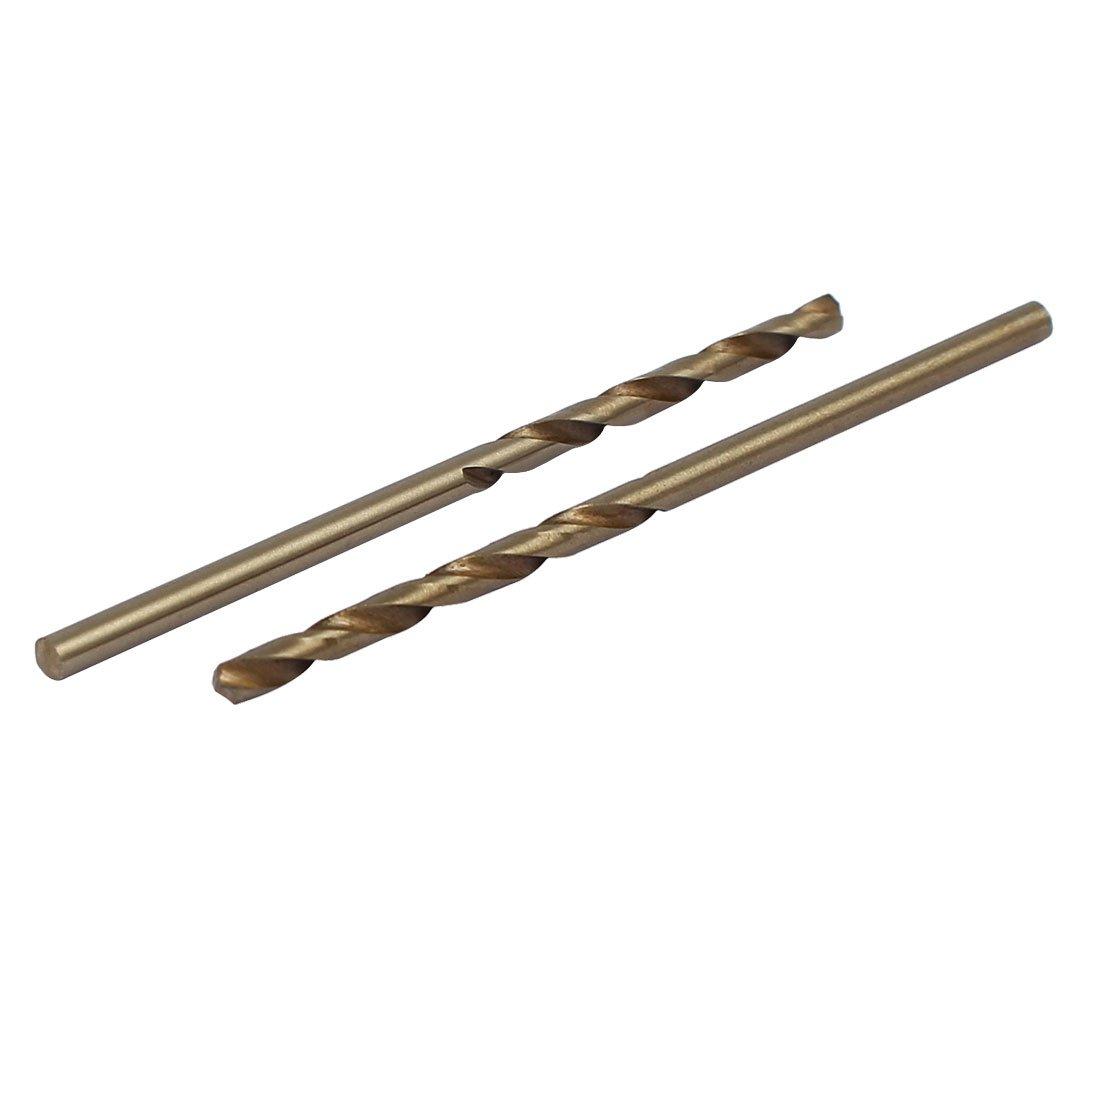 uxcell 2.2mm Dia Split Point HSS Cobalt Metric Twist Drill Bit Drilling Tool 10pcs